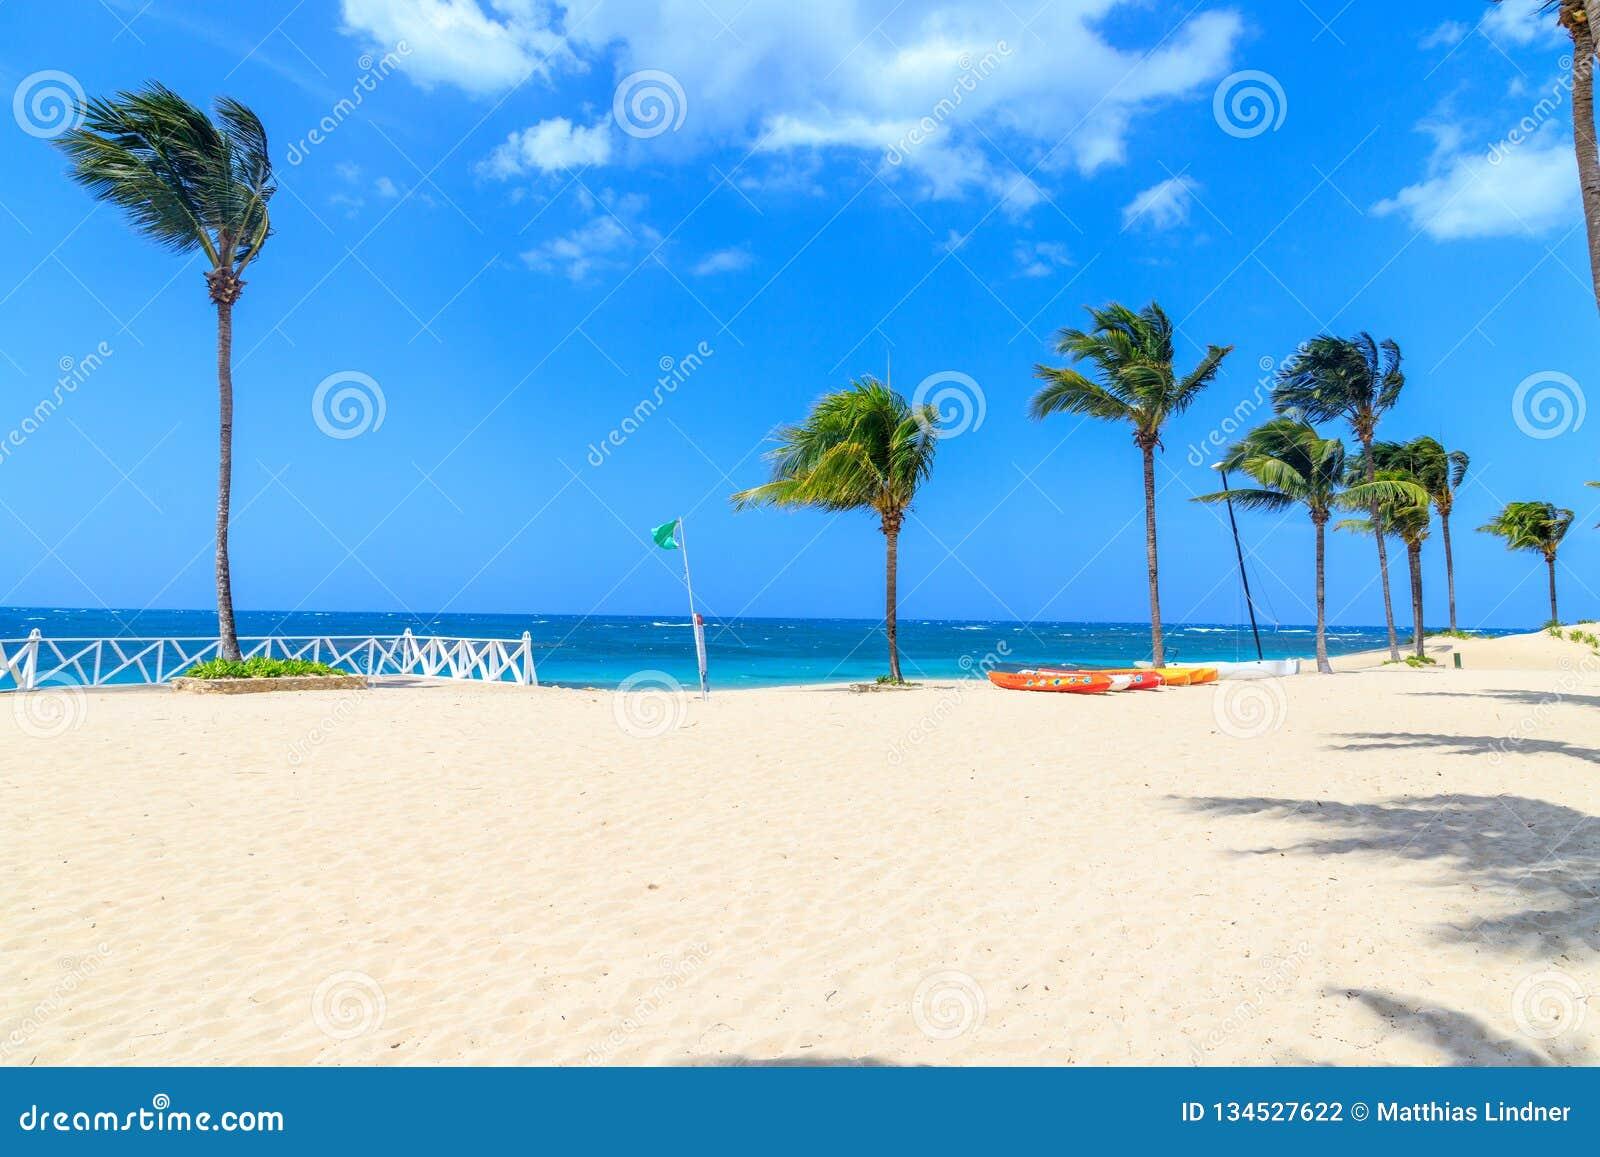 Η πράσινη σημαία στην παραλία δεν δείχνει κανέναν κίνδυνο κατά τη λούσιμο Δομινικανή Δημοκρατία